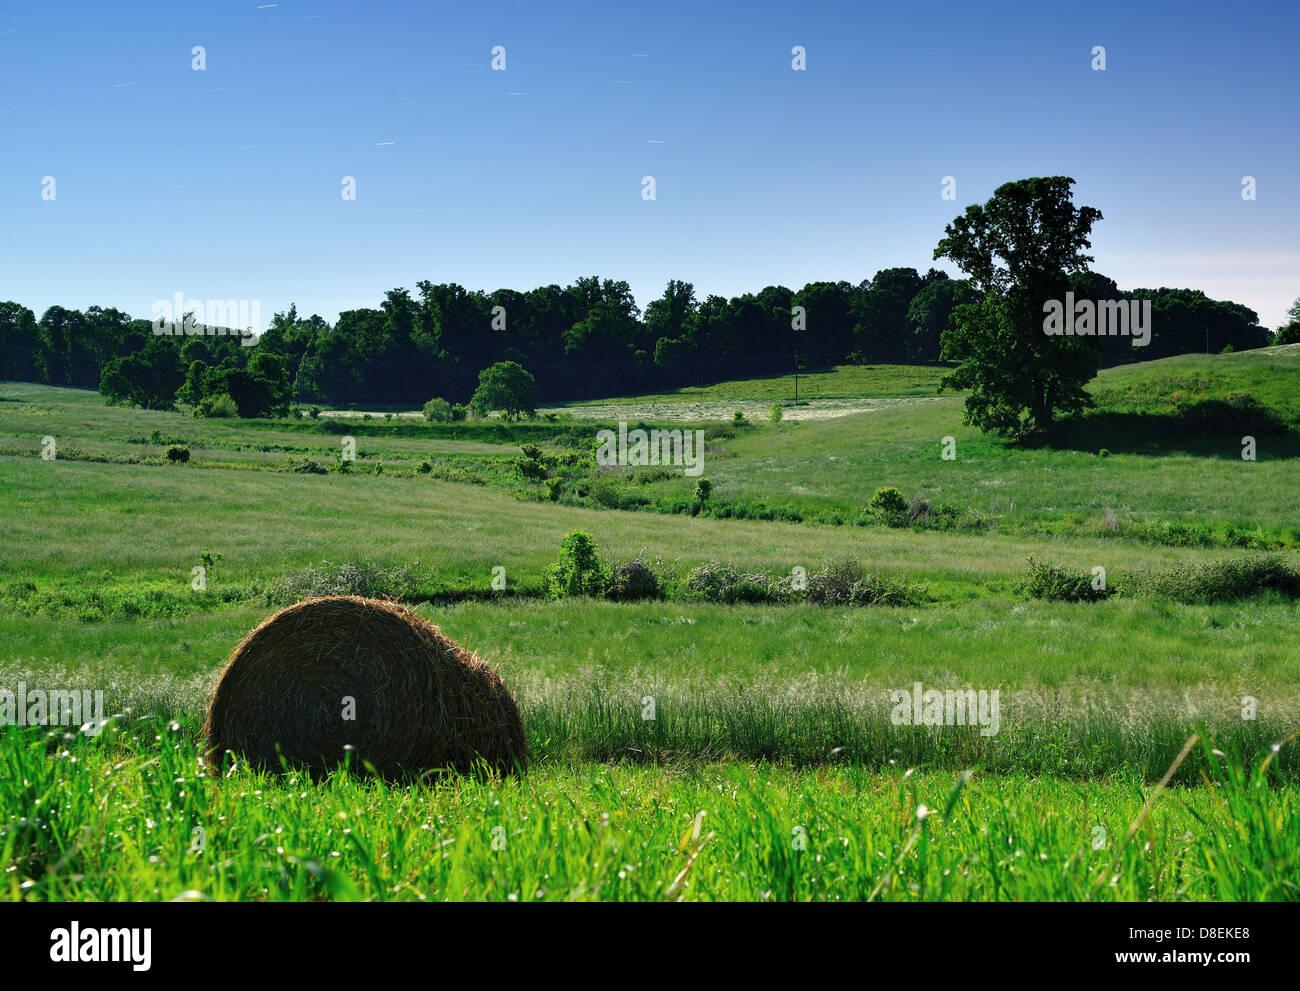 Moonlit terreni coltivati nel nord della Georgia, Stati Uniti d'America. Immagini Stock